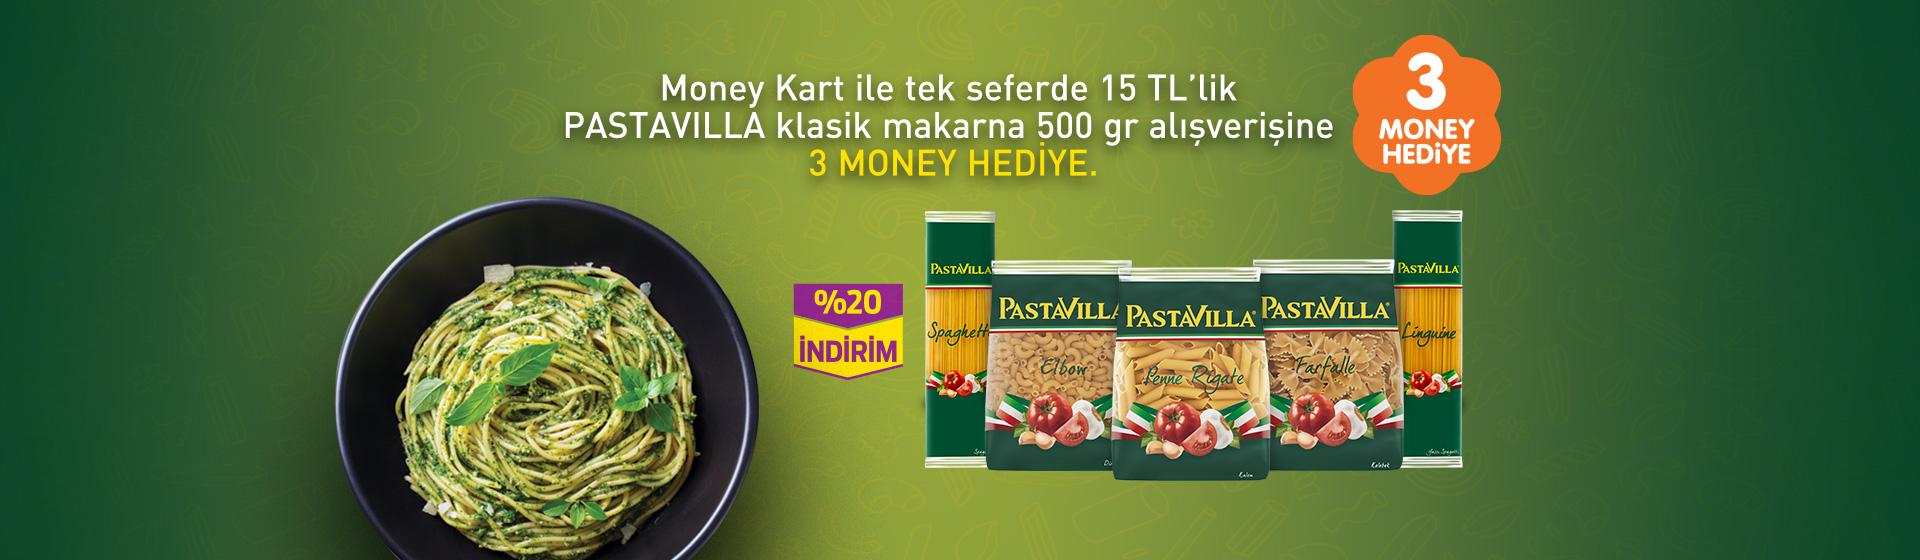 Pastavilla Money Kampanyası